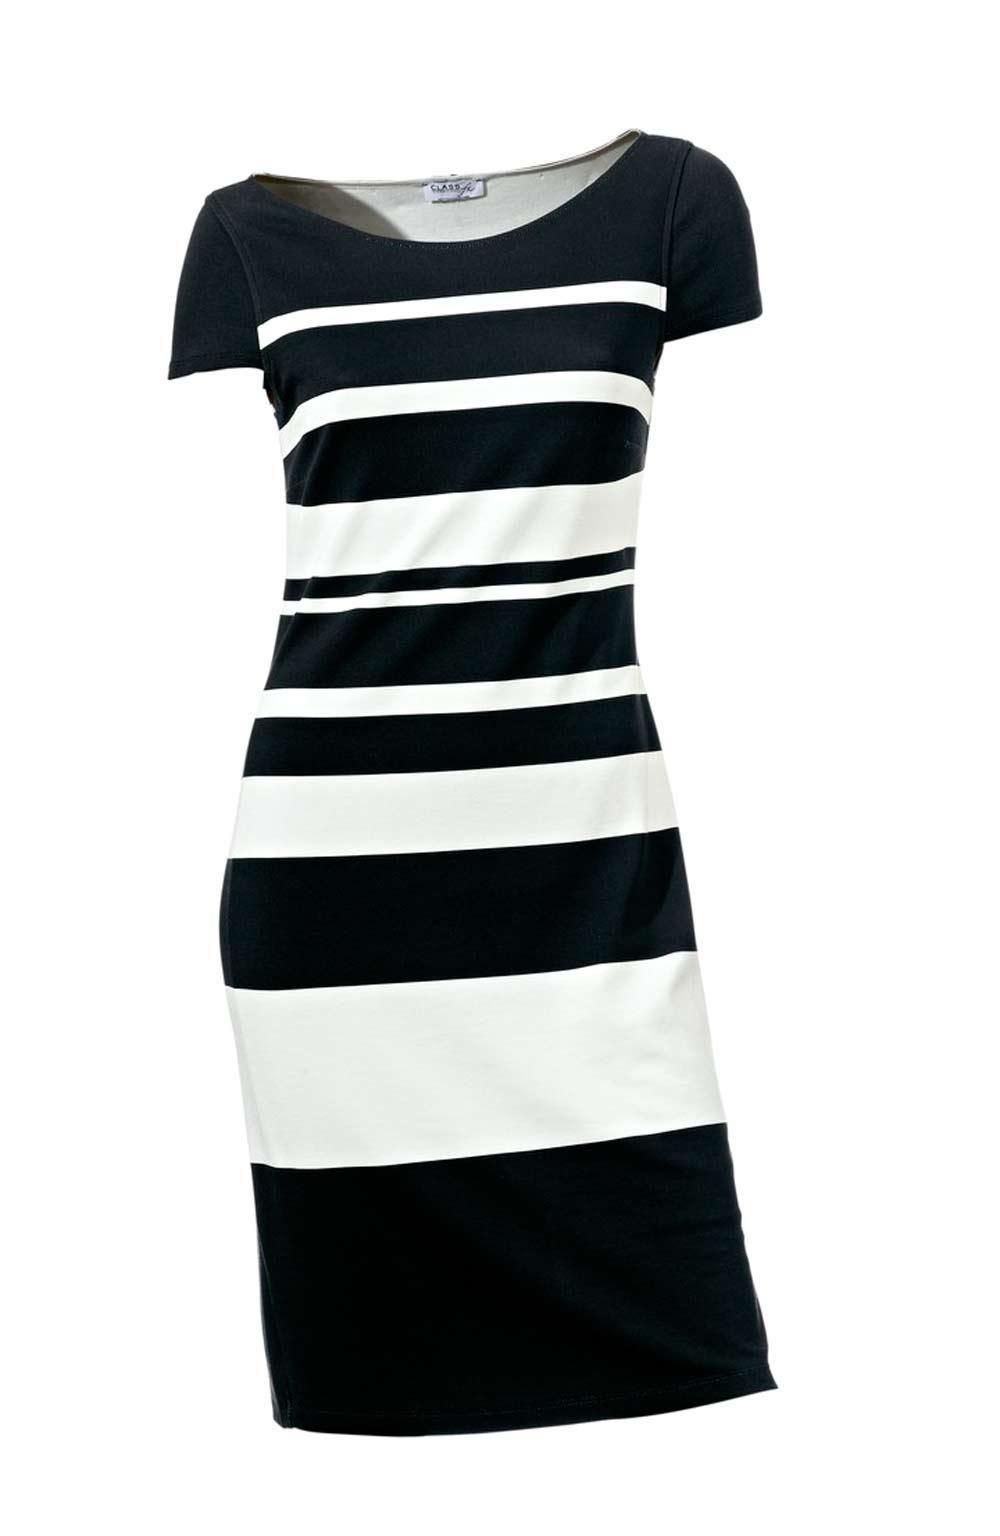 10 Ausgezeichnet Kleider In Schwarz Weiß Boutique10 Spektakulär Kleider In Schwarz Weiß für 2019